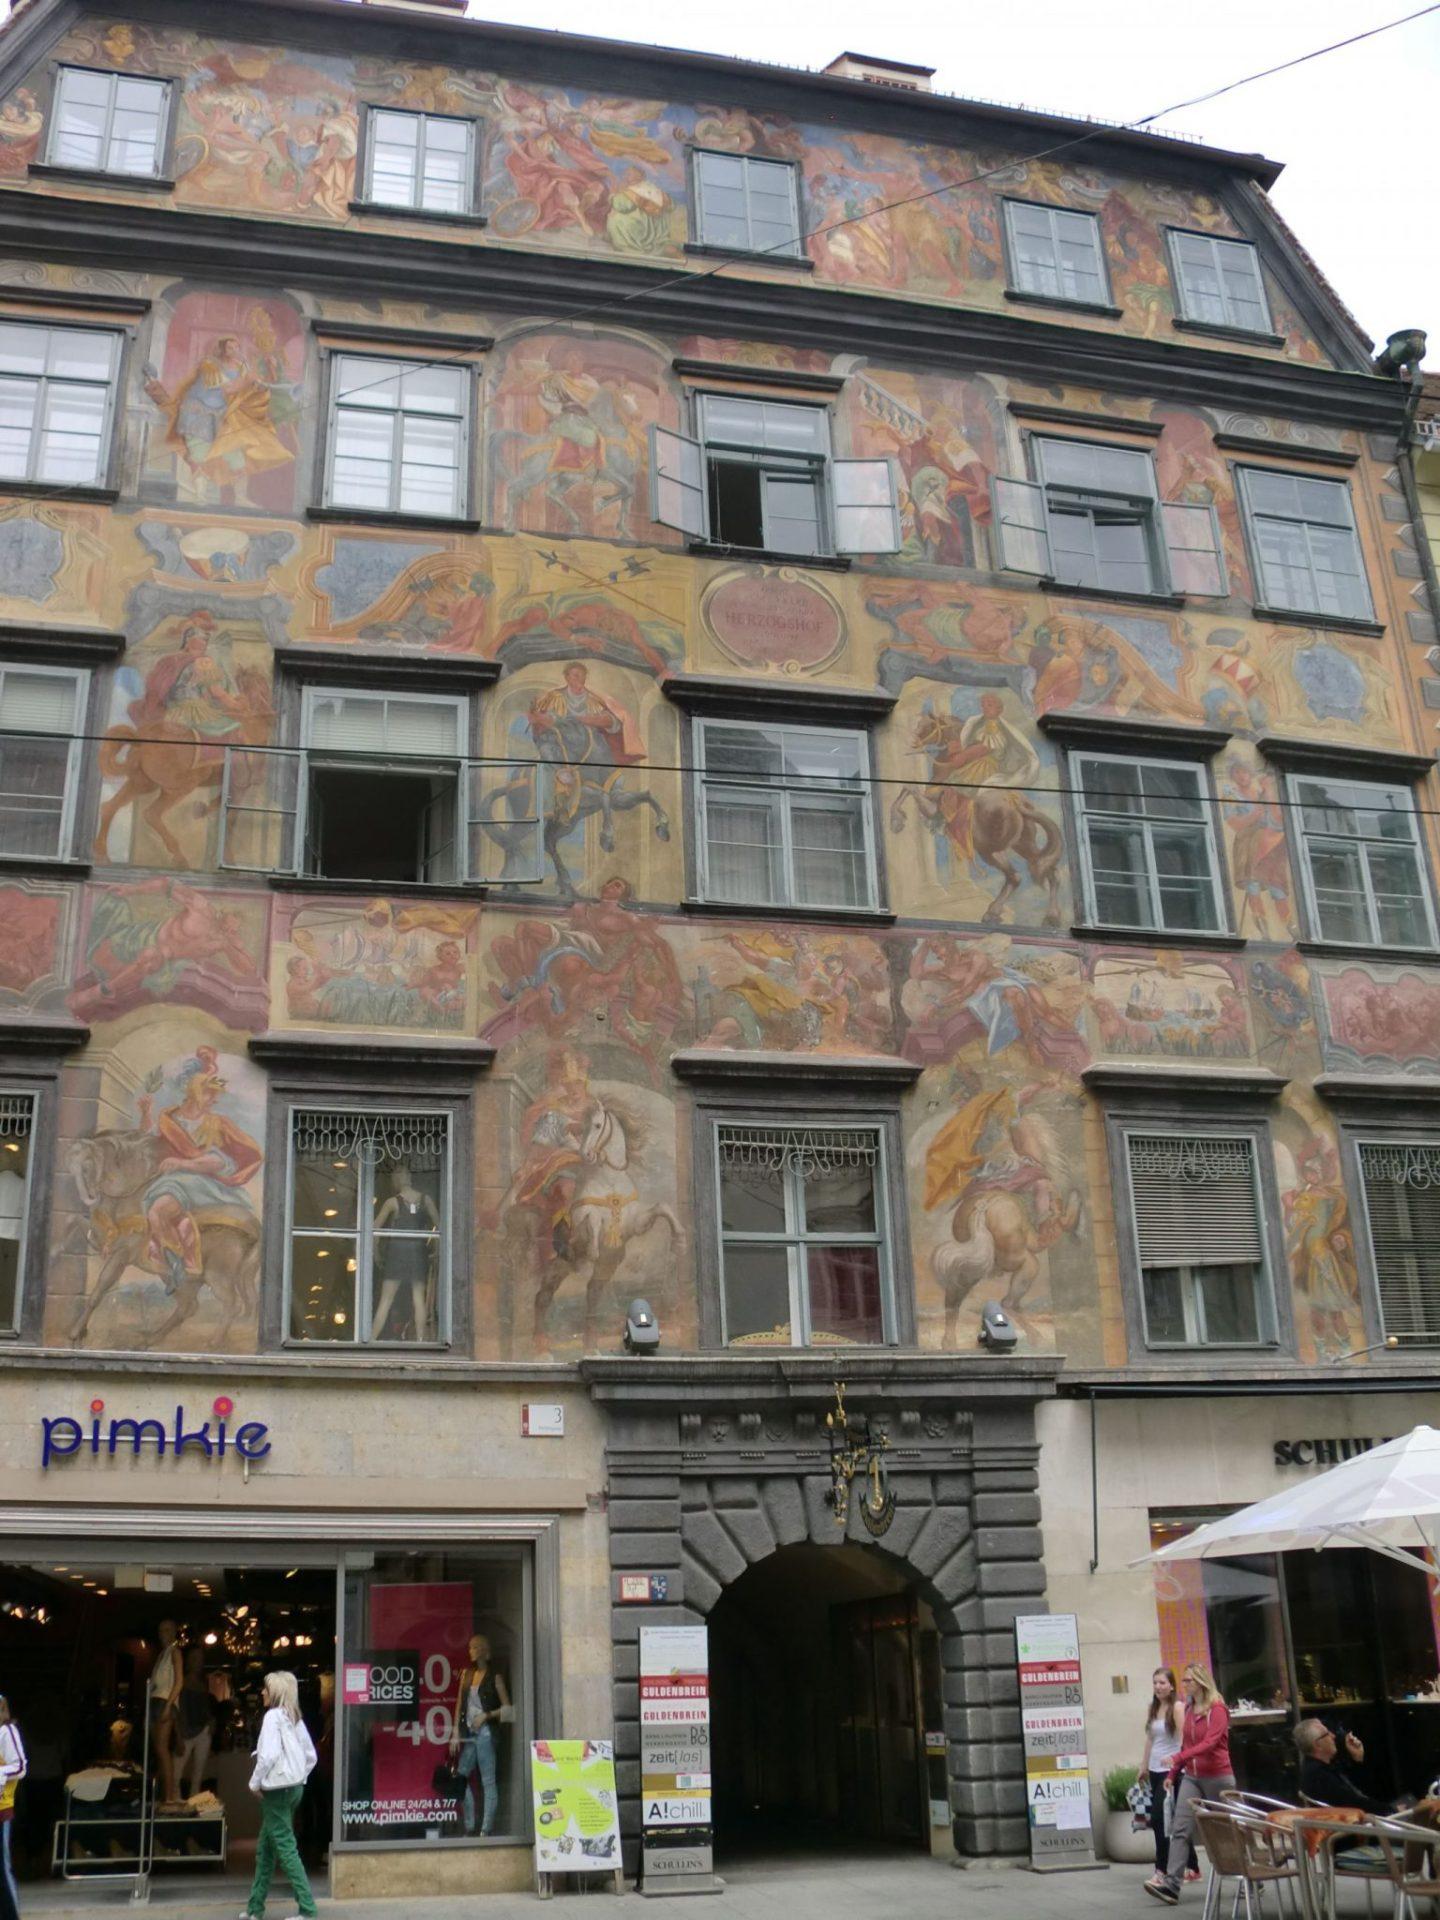 Graz square 6 - Graz: tradition and modernity